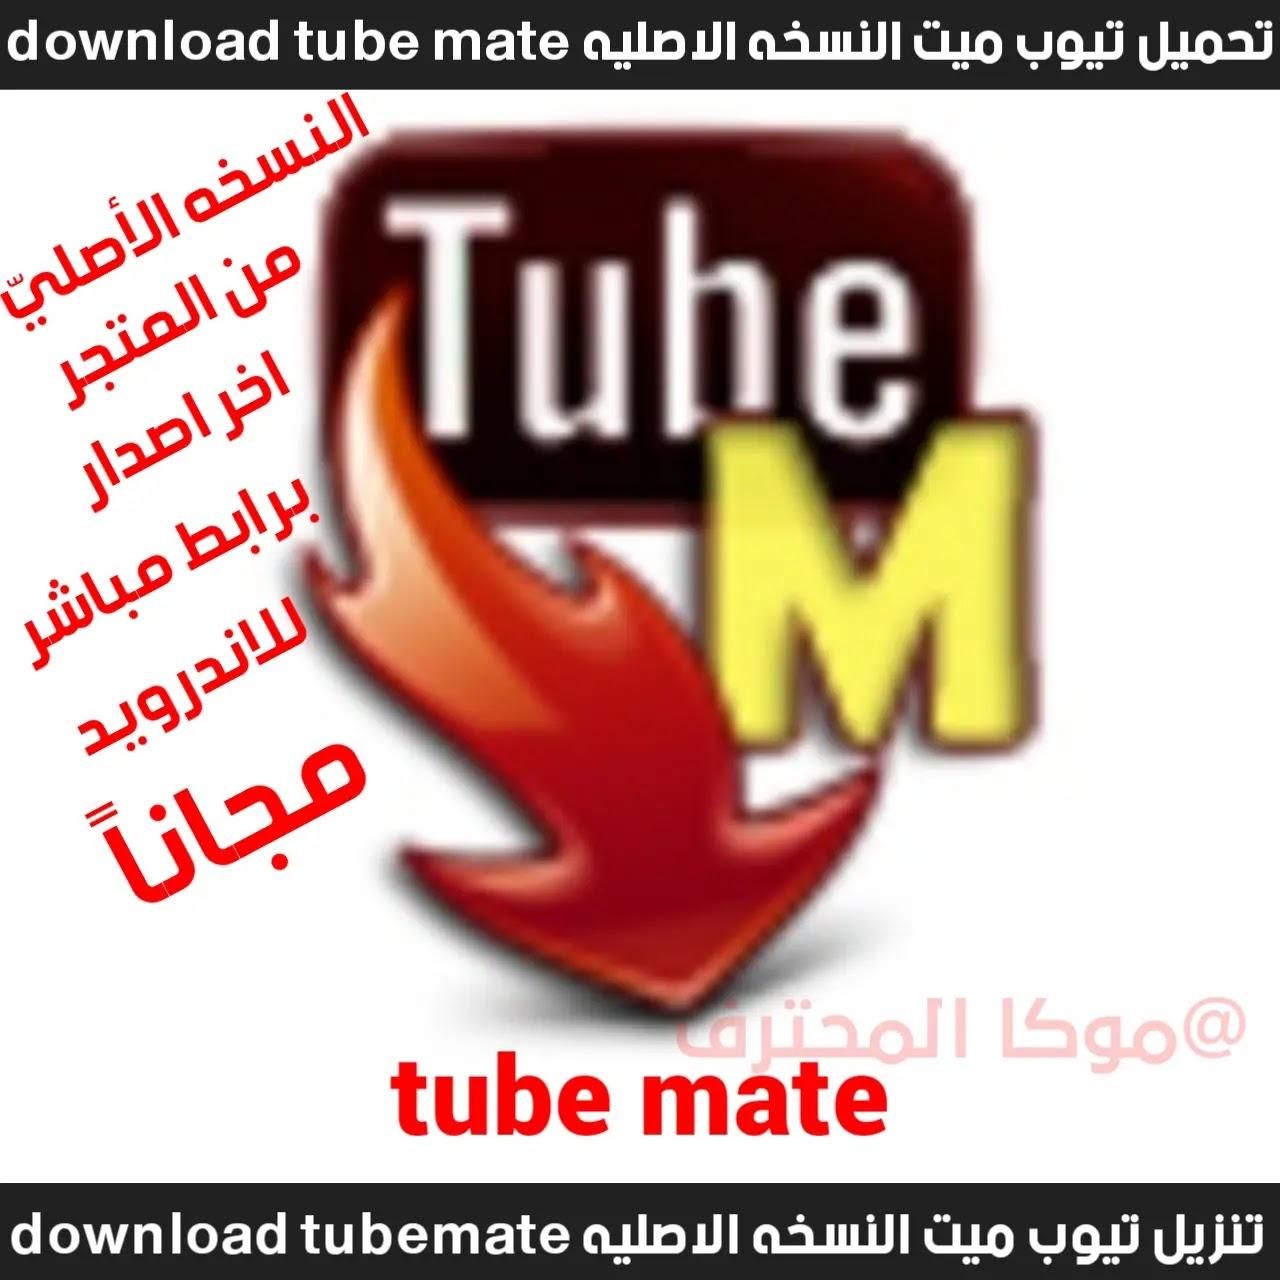 تحميل تيوب ميت النسخة الاصلي Tube Mate تنزيل تيوب ميت tubemate